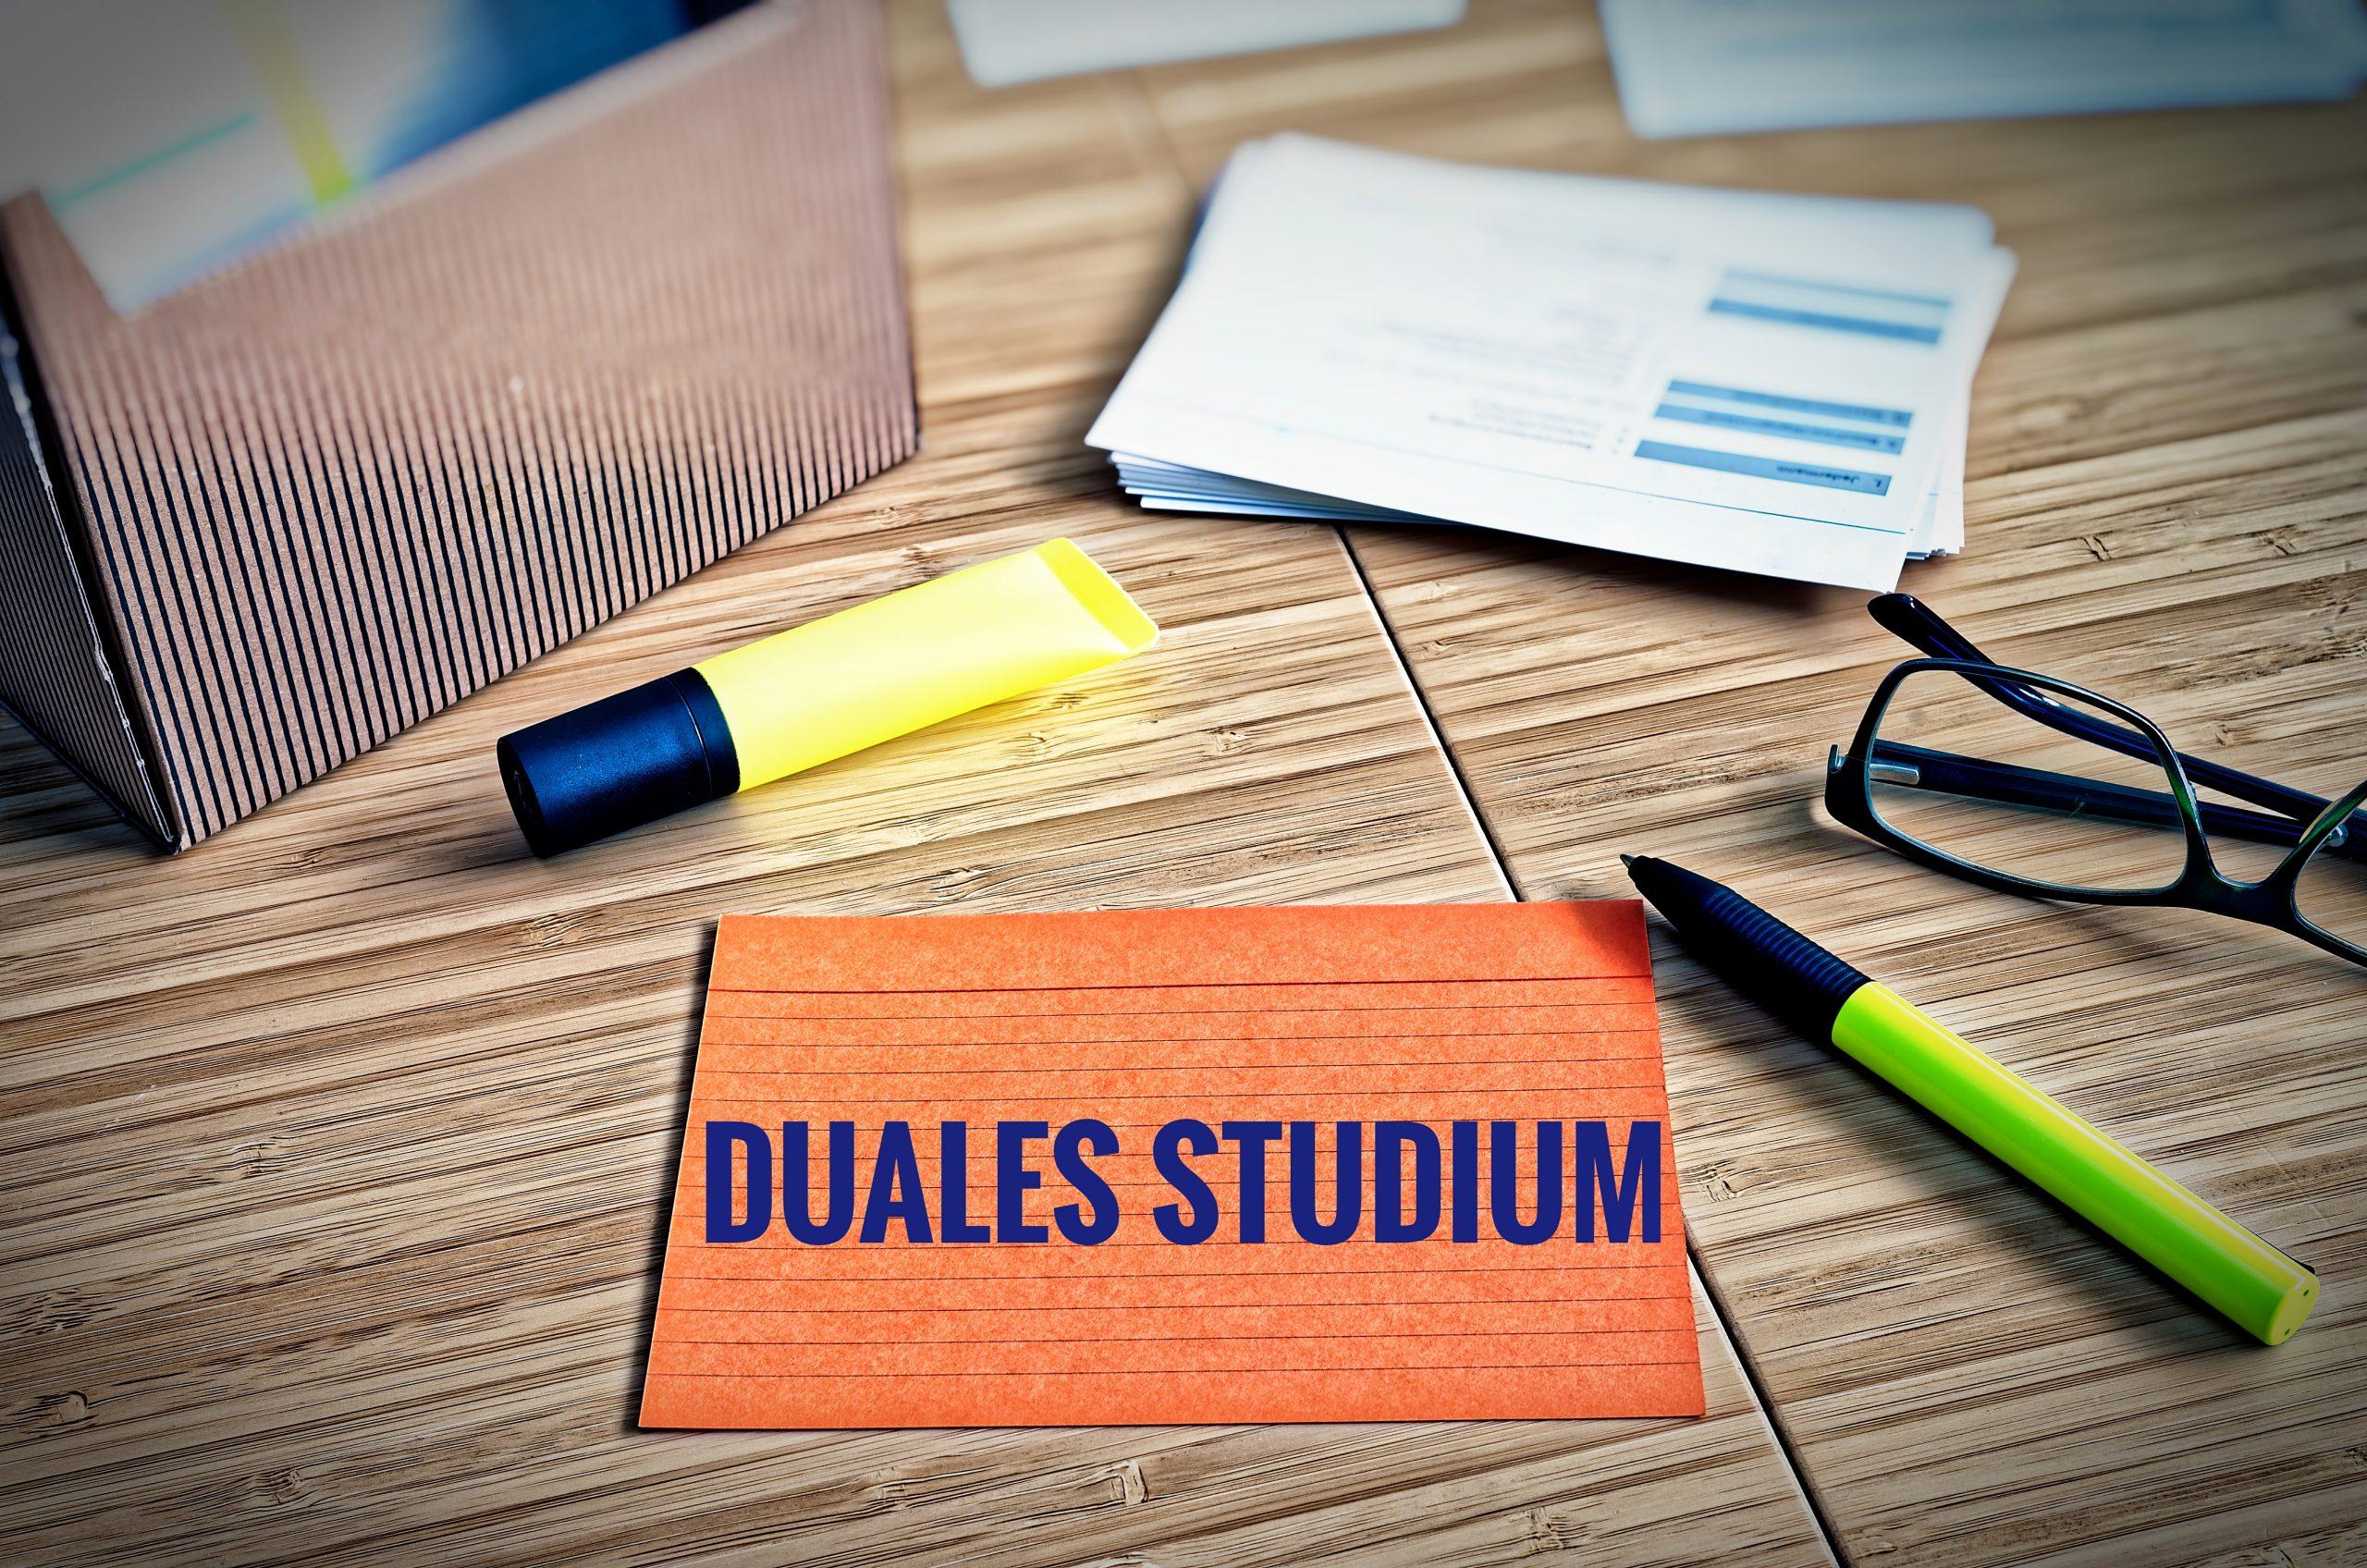 """Wissenschaftliche Studie: """"Duales Studium: Umsetzungsmodelle und Entwicklungsbedarfe"""""""